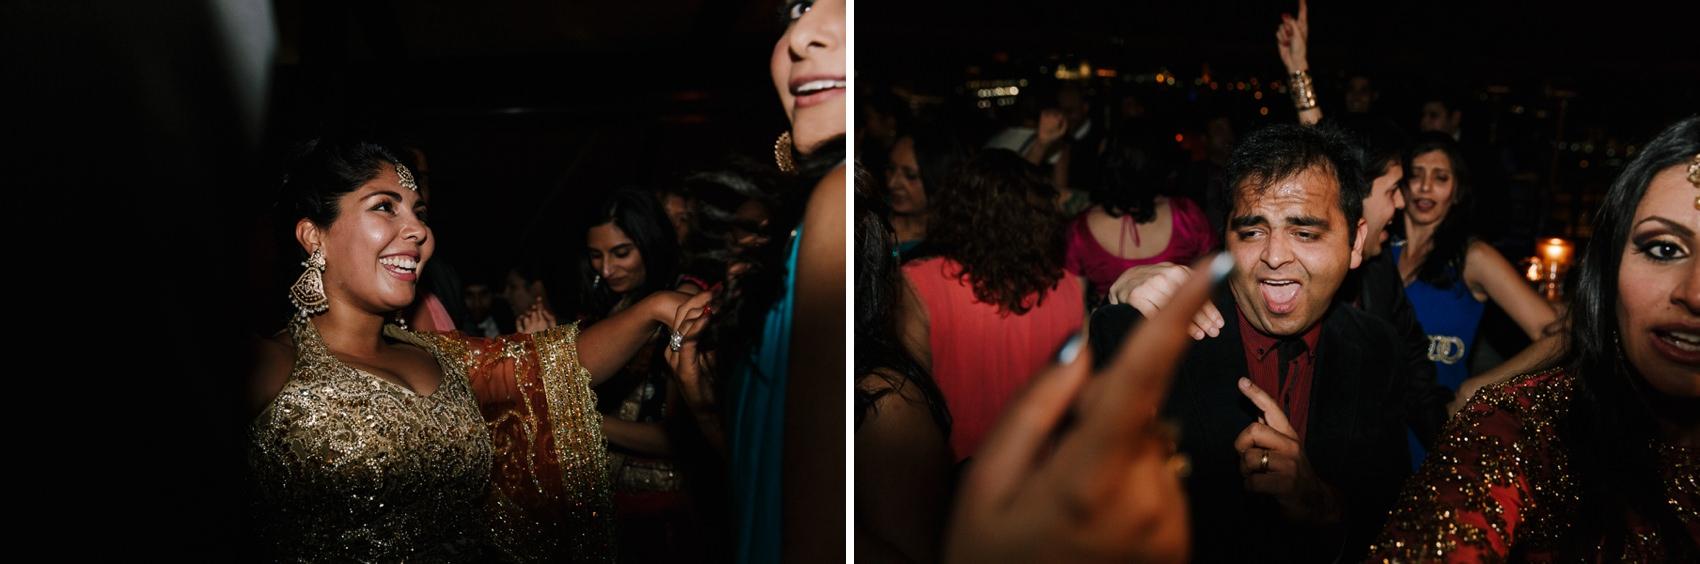 Indian-Wedding-Photography-Maala-Rohan_0306